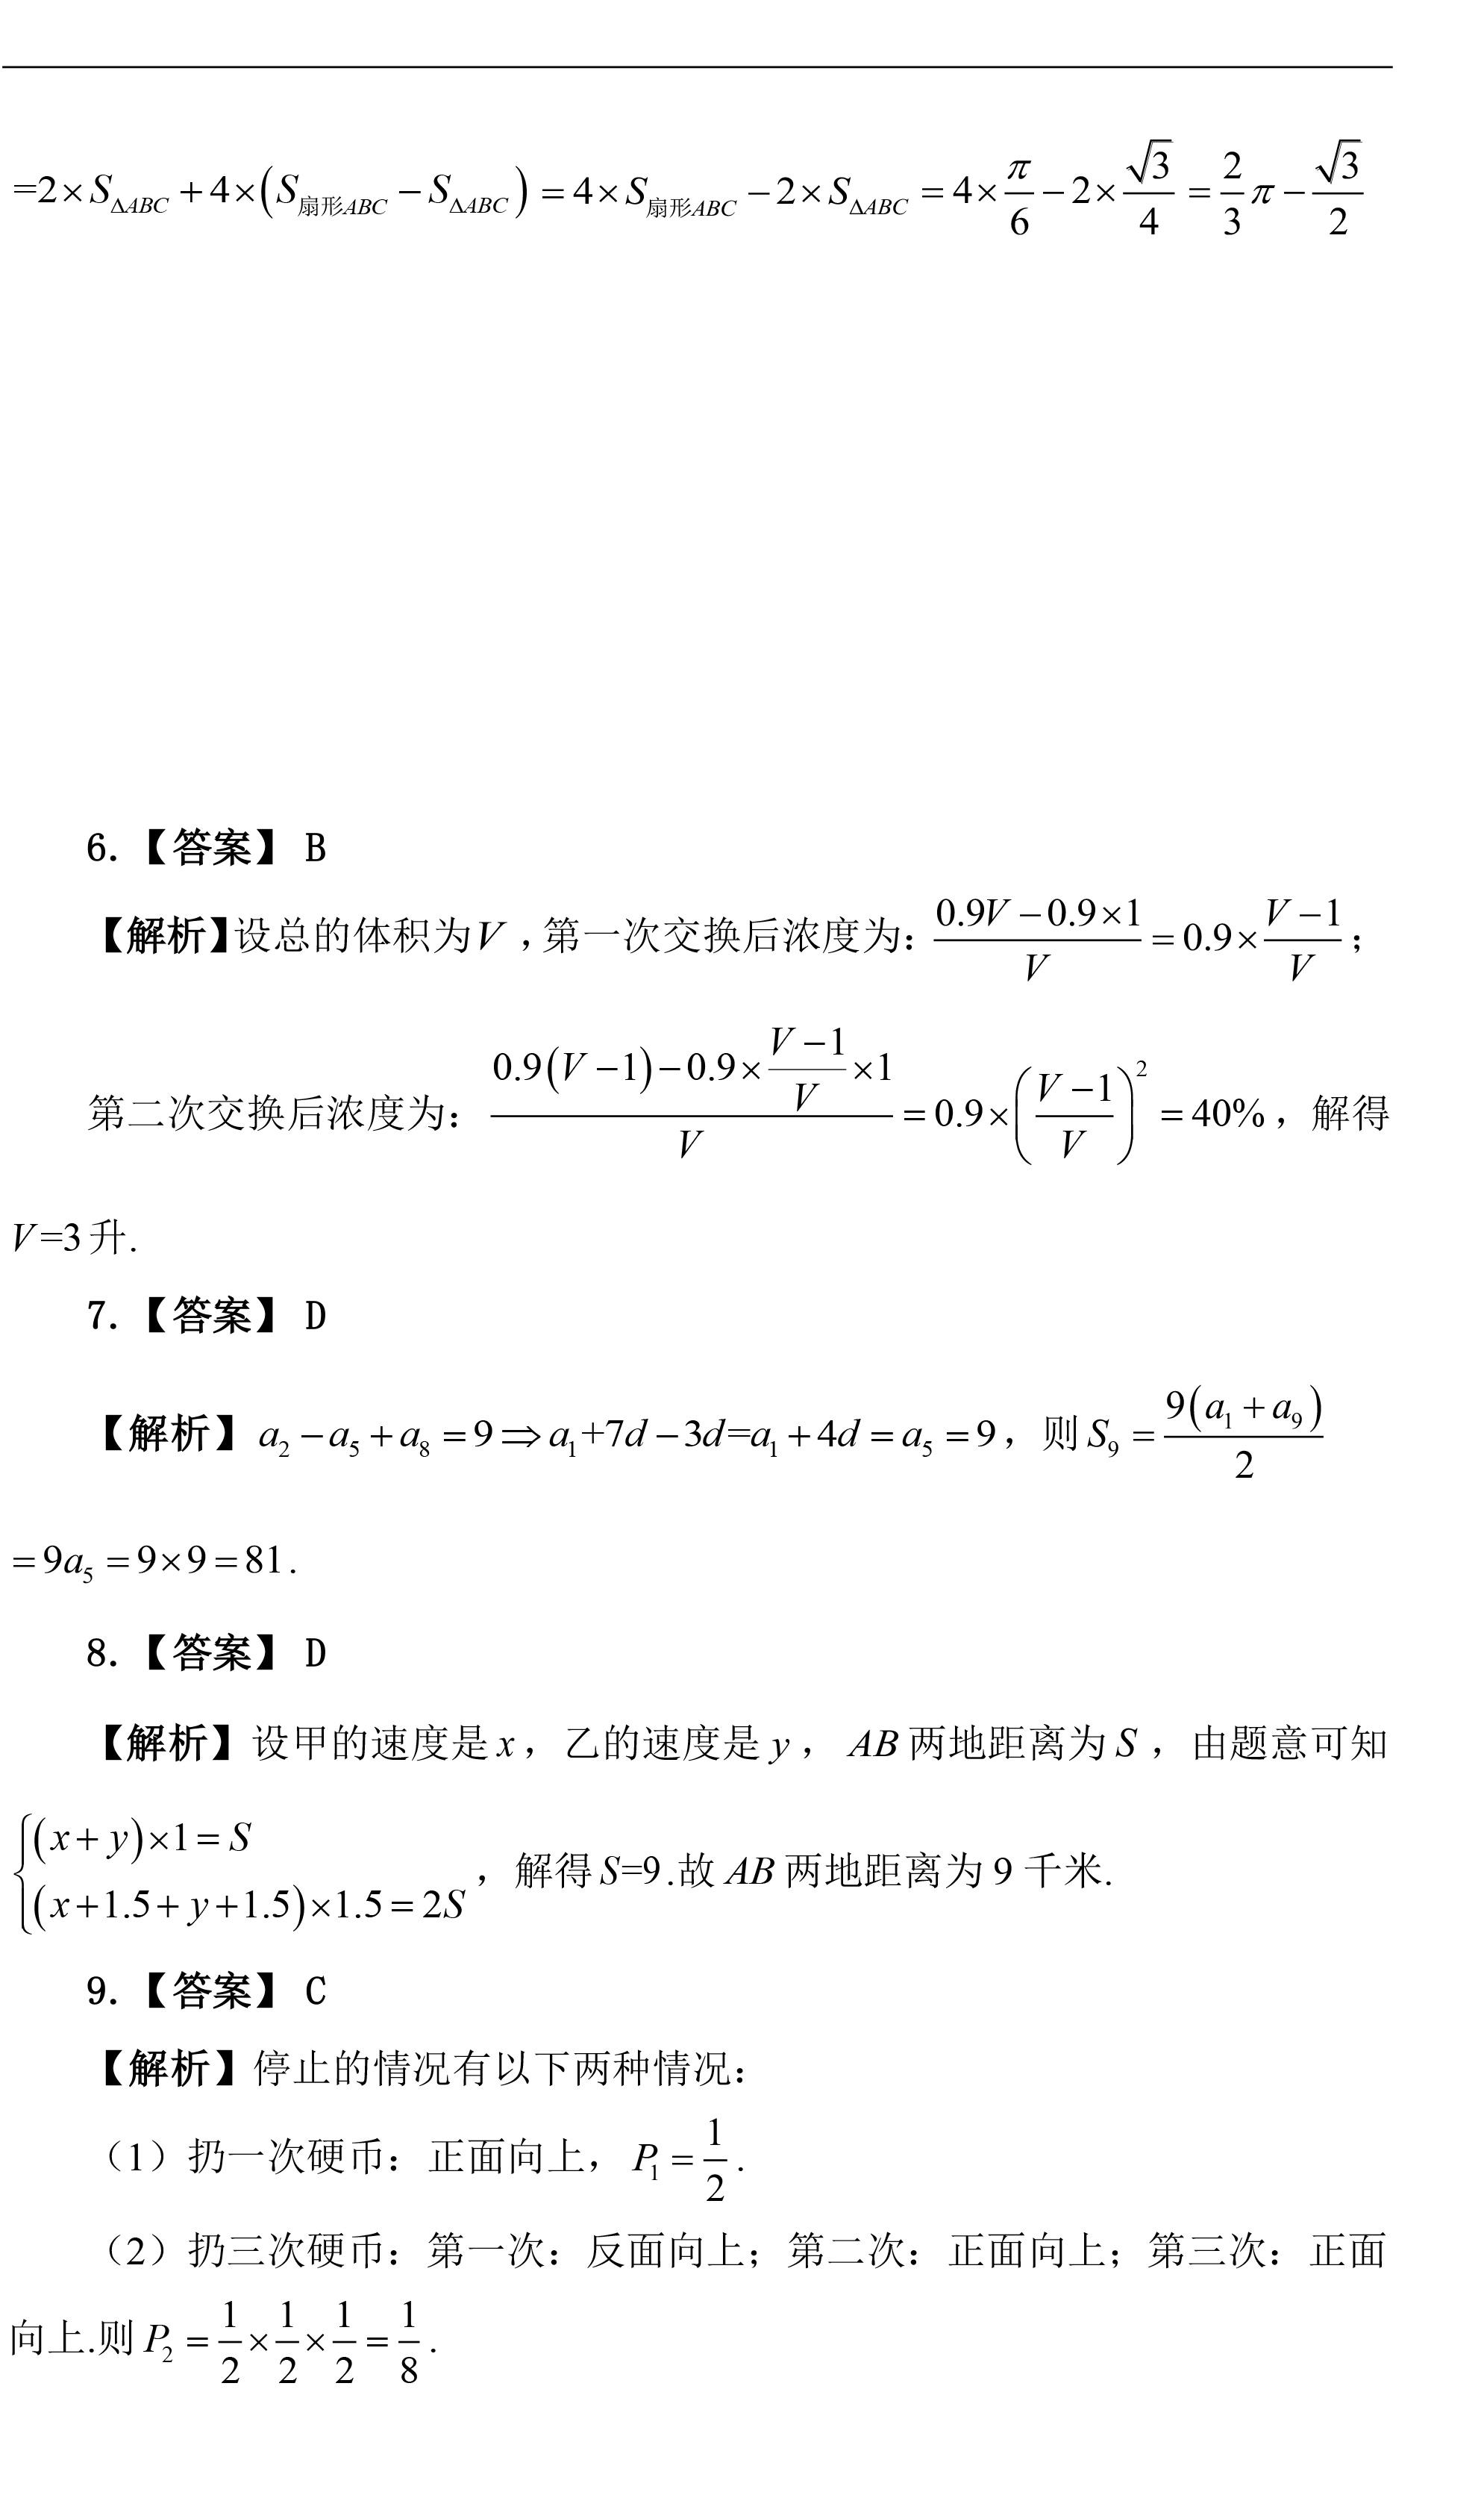 真题试卷集-综合-2014~2018-解析-2.jpg